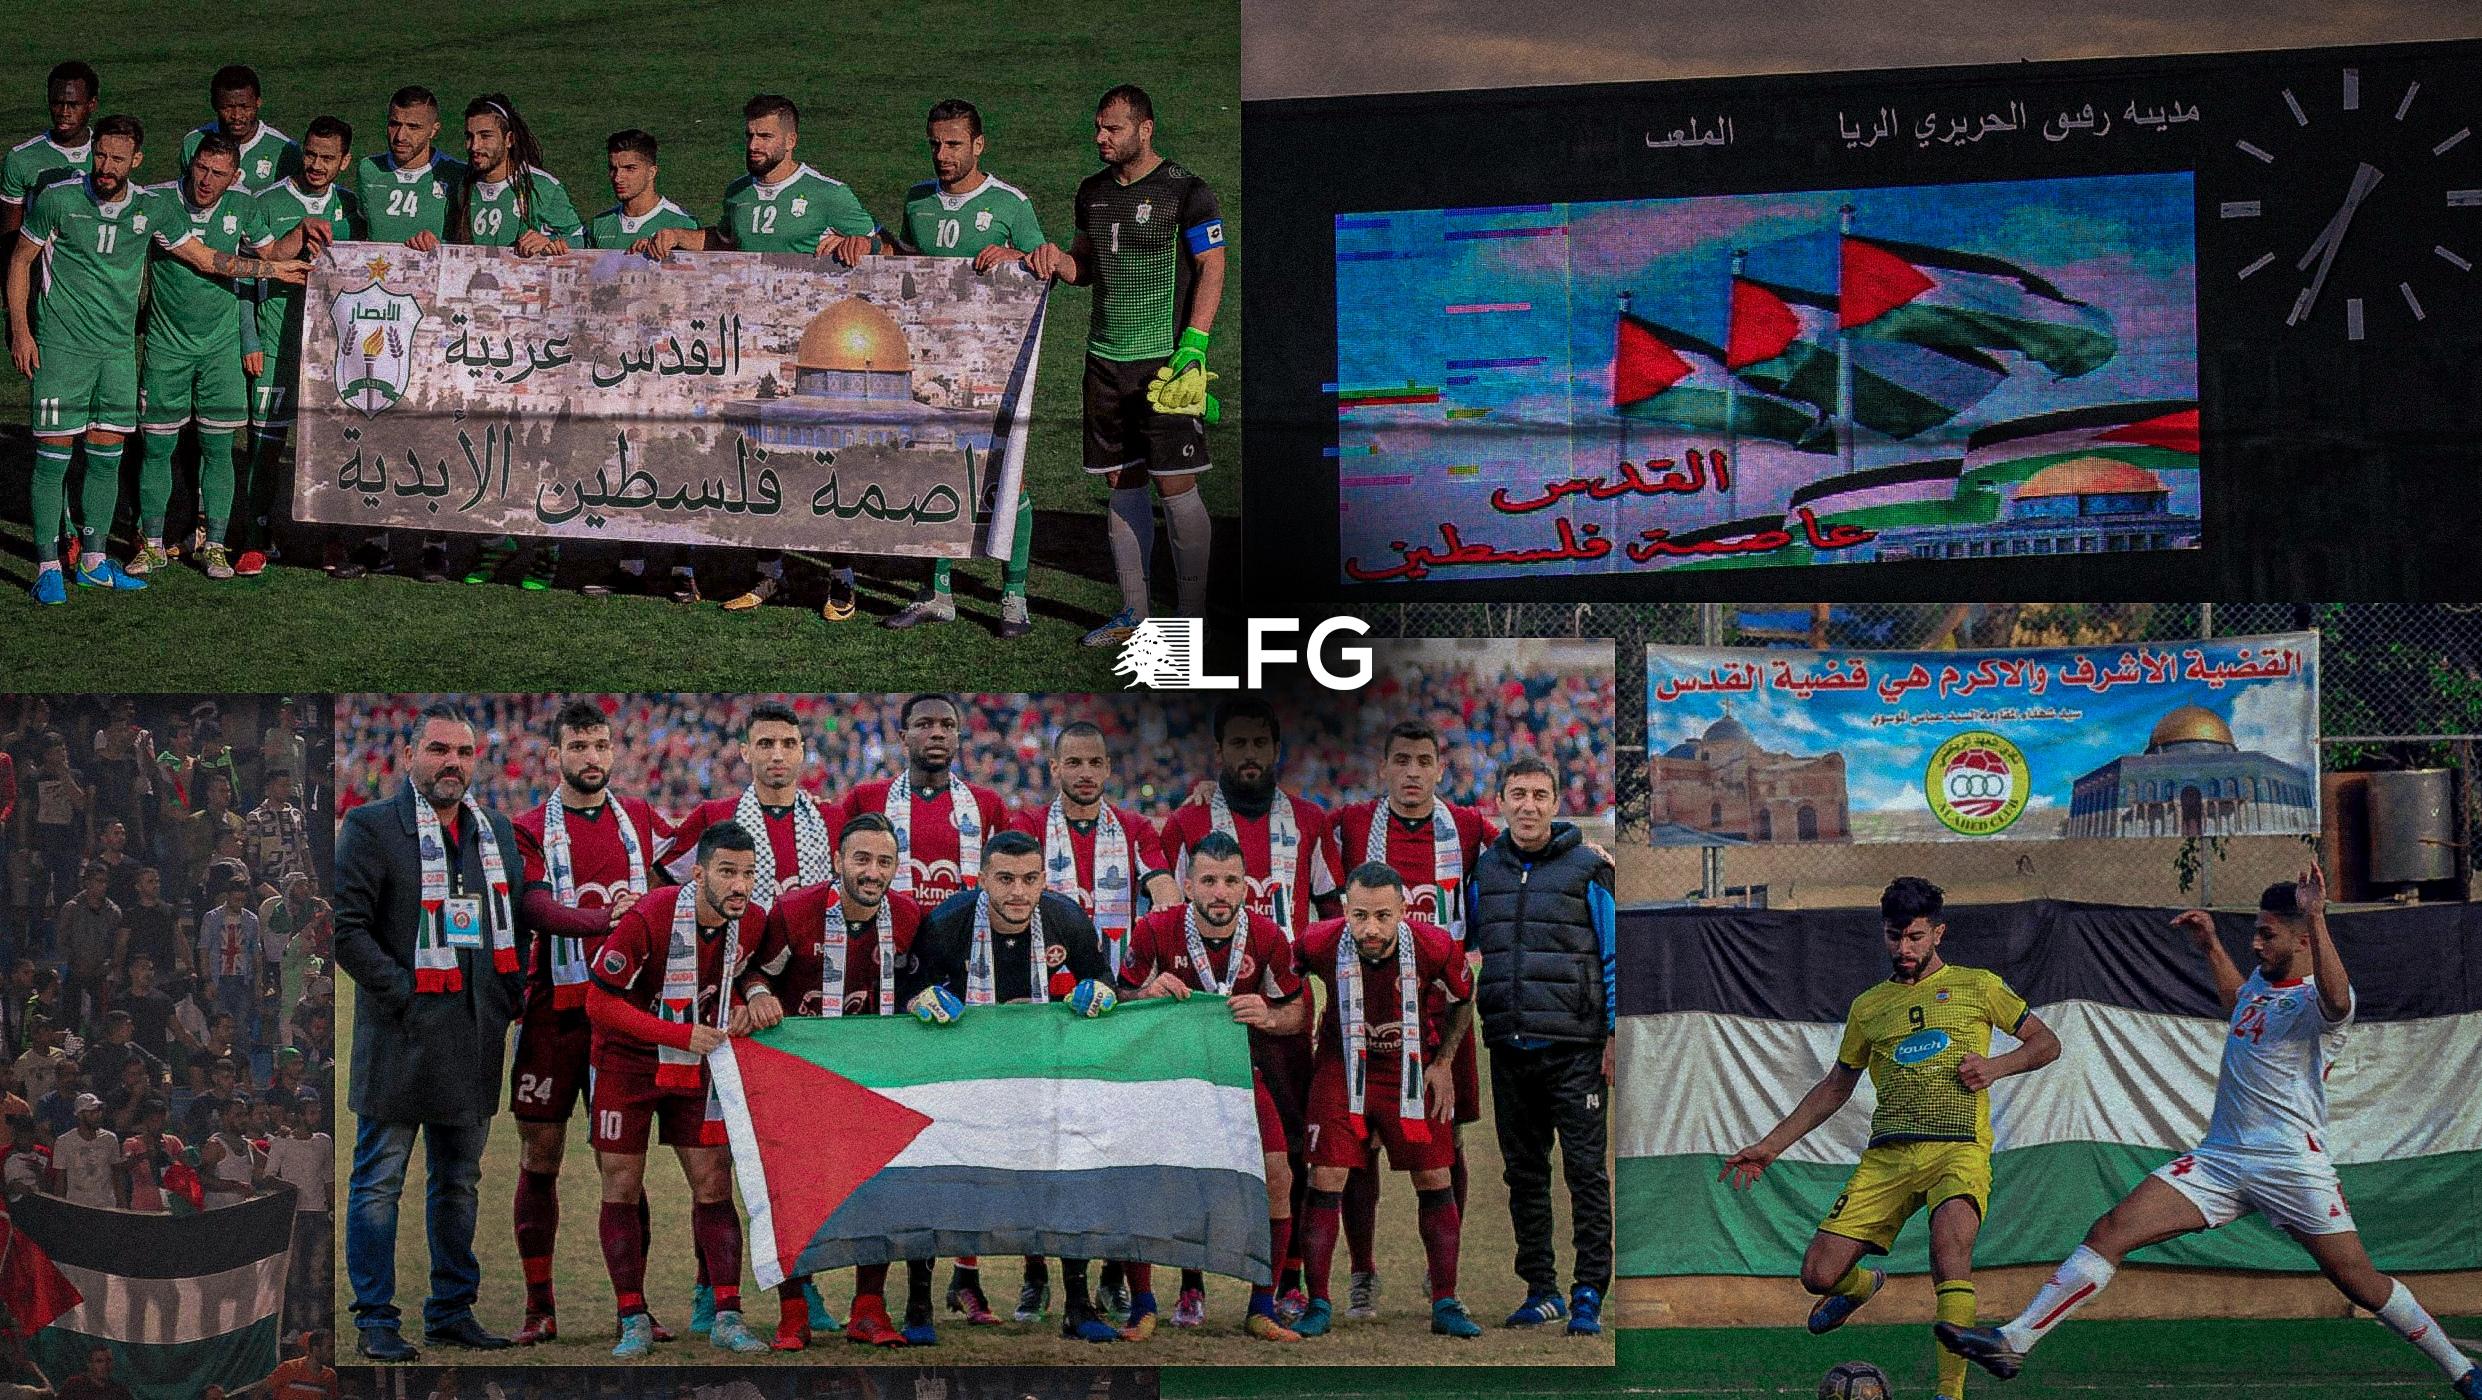 2653_Palestine_edit_126220199686989.jpg